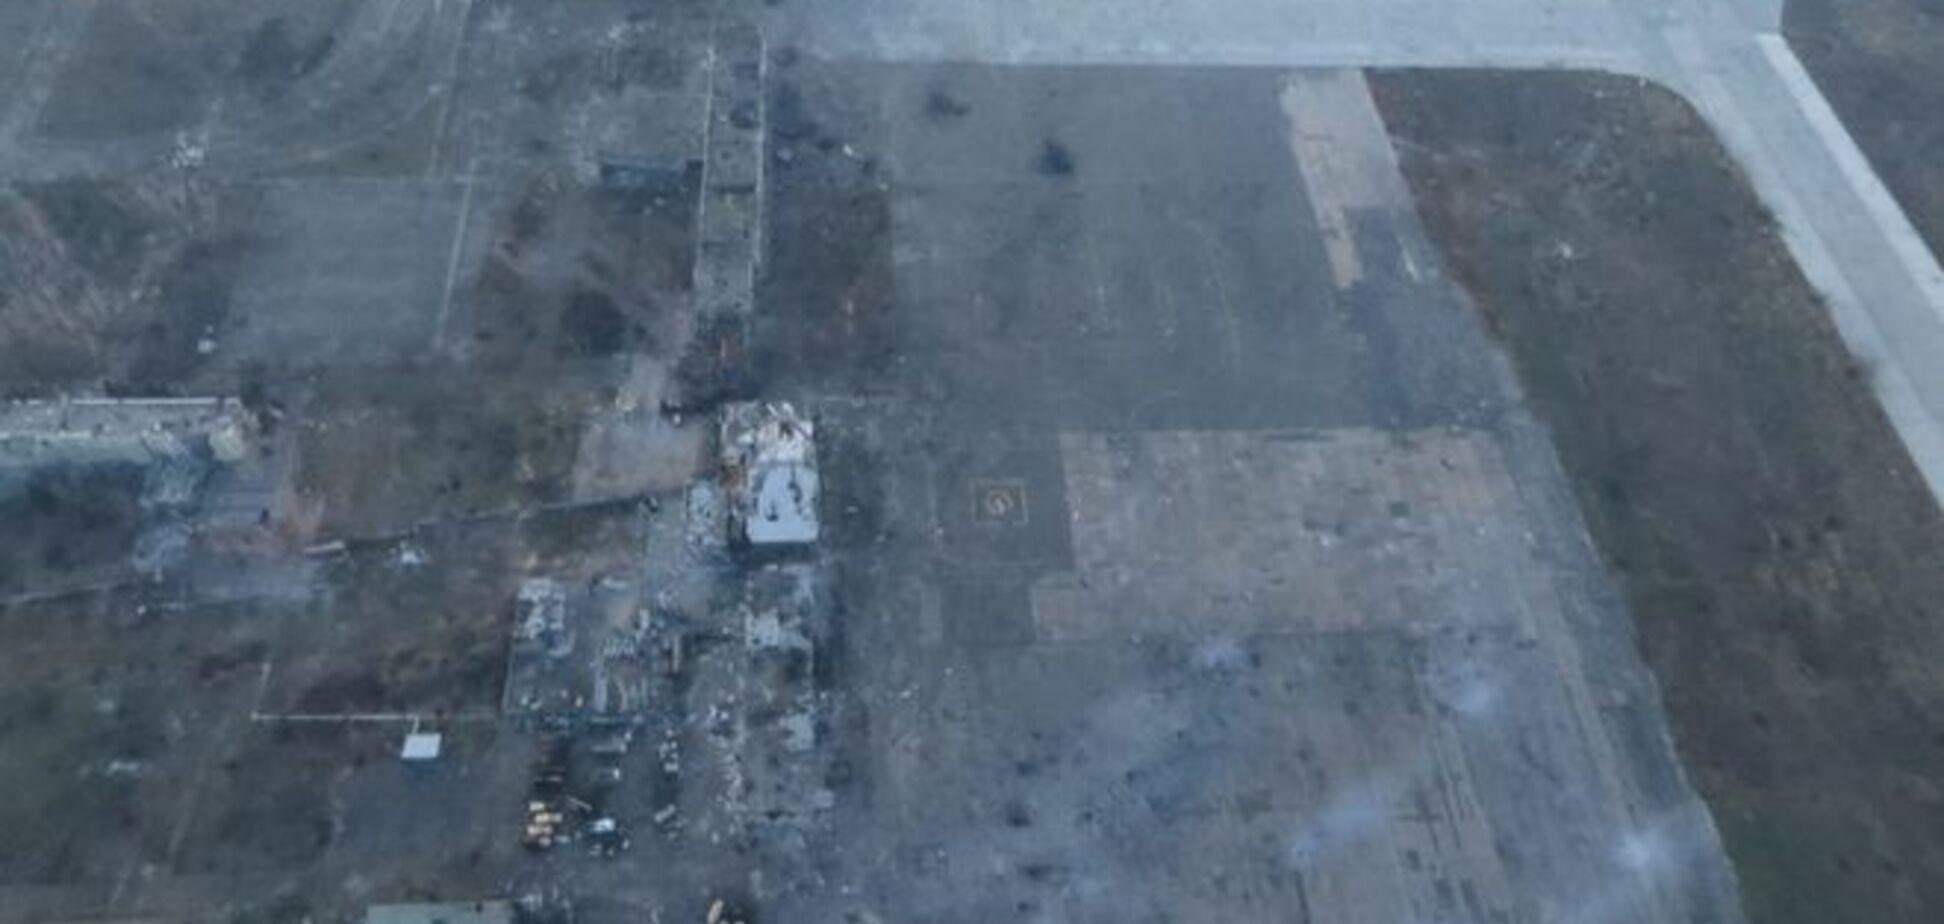 Донецкий аэропорт утратил свою ценность, украинские военные оставили его – глава Генштаба